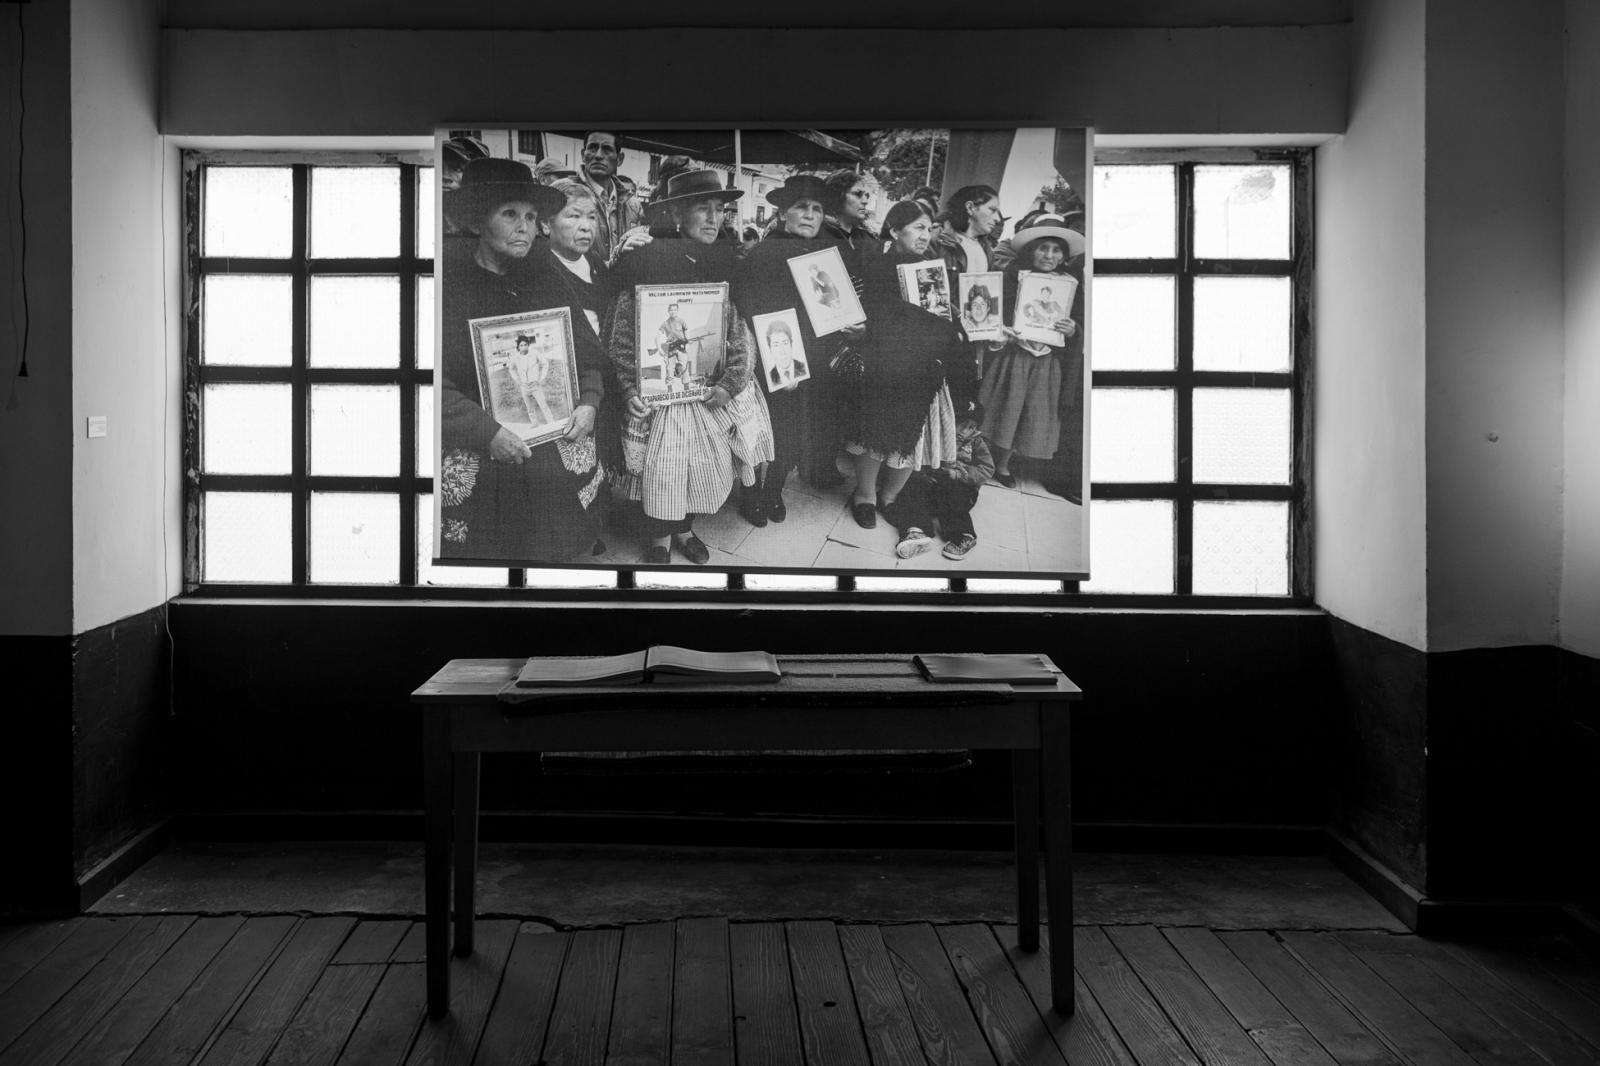 """Museo de la Memoria """"Para que no se repita de la asociación de familiares de desaparecidos, ANFASEP """". Espacio que relata los las causas y consecuencias del conflicto armado interno de los años 1980-2000, la lucha por la búsqueda de los desaparecidos y la dignificación de las víctimas."""